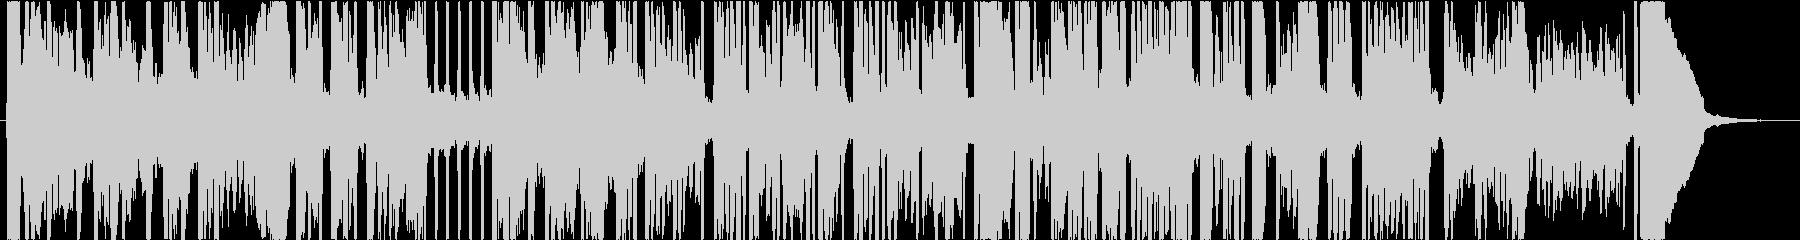 トロンボーンのジャズスタジオ。音階...の未再生の波形